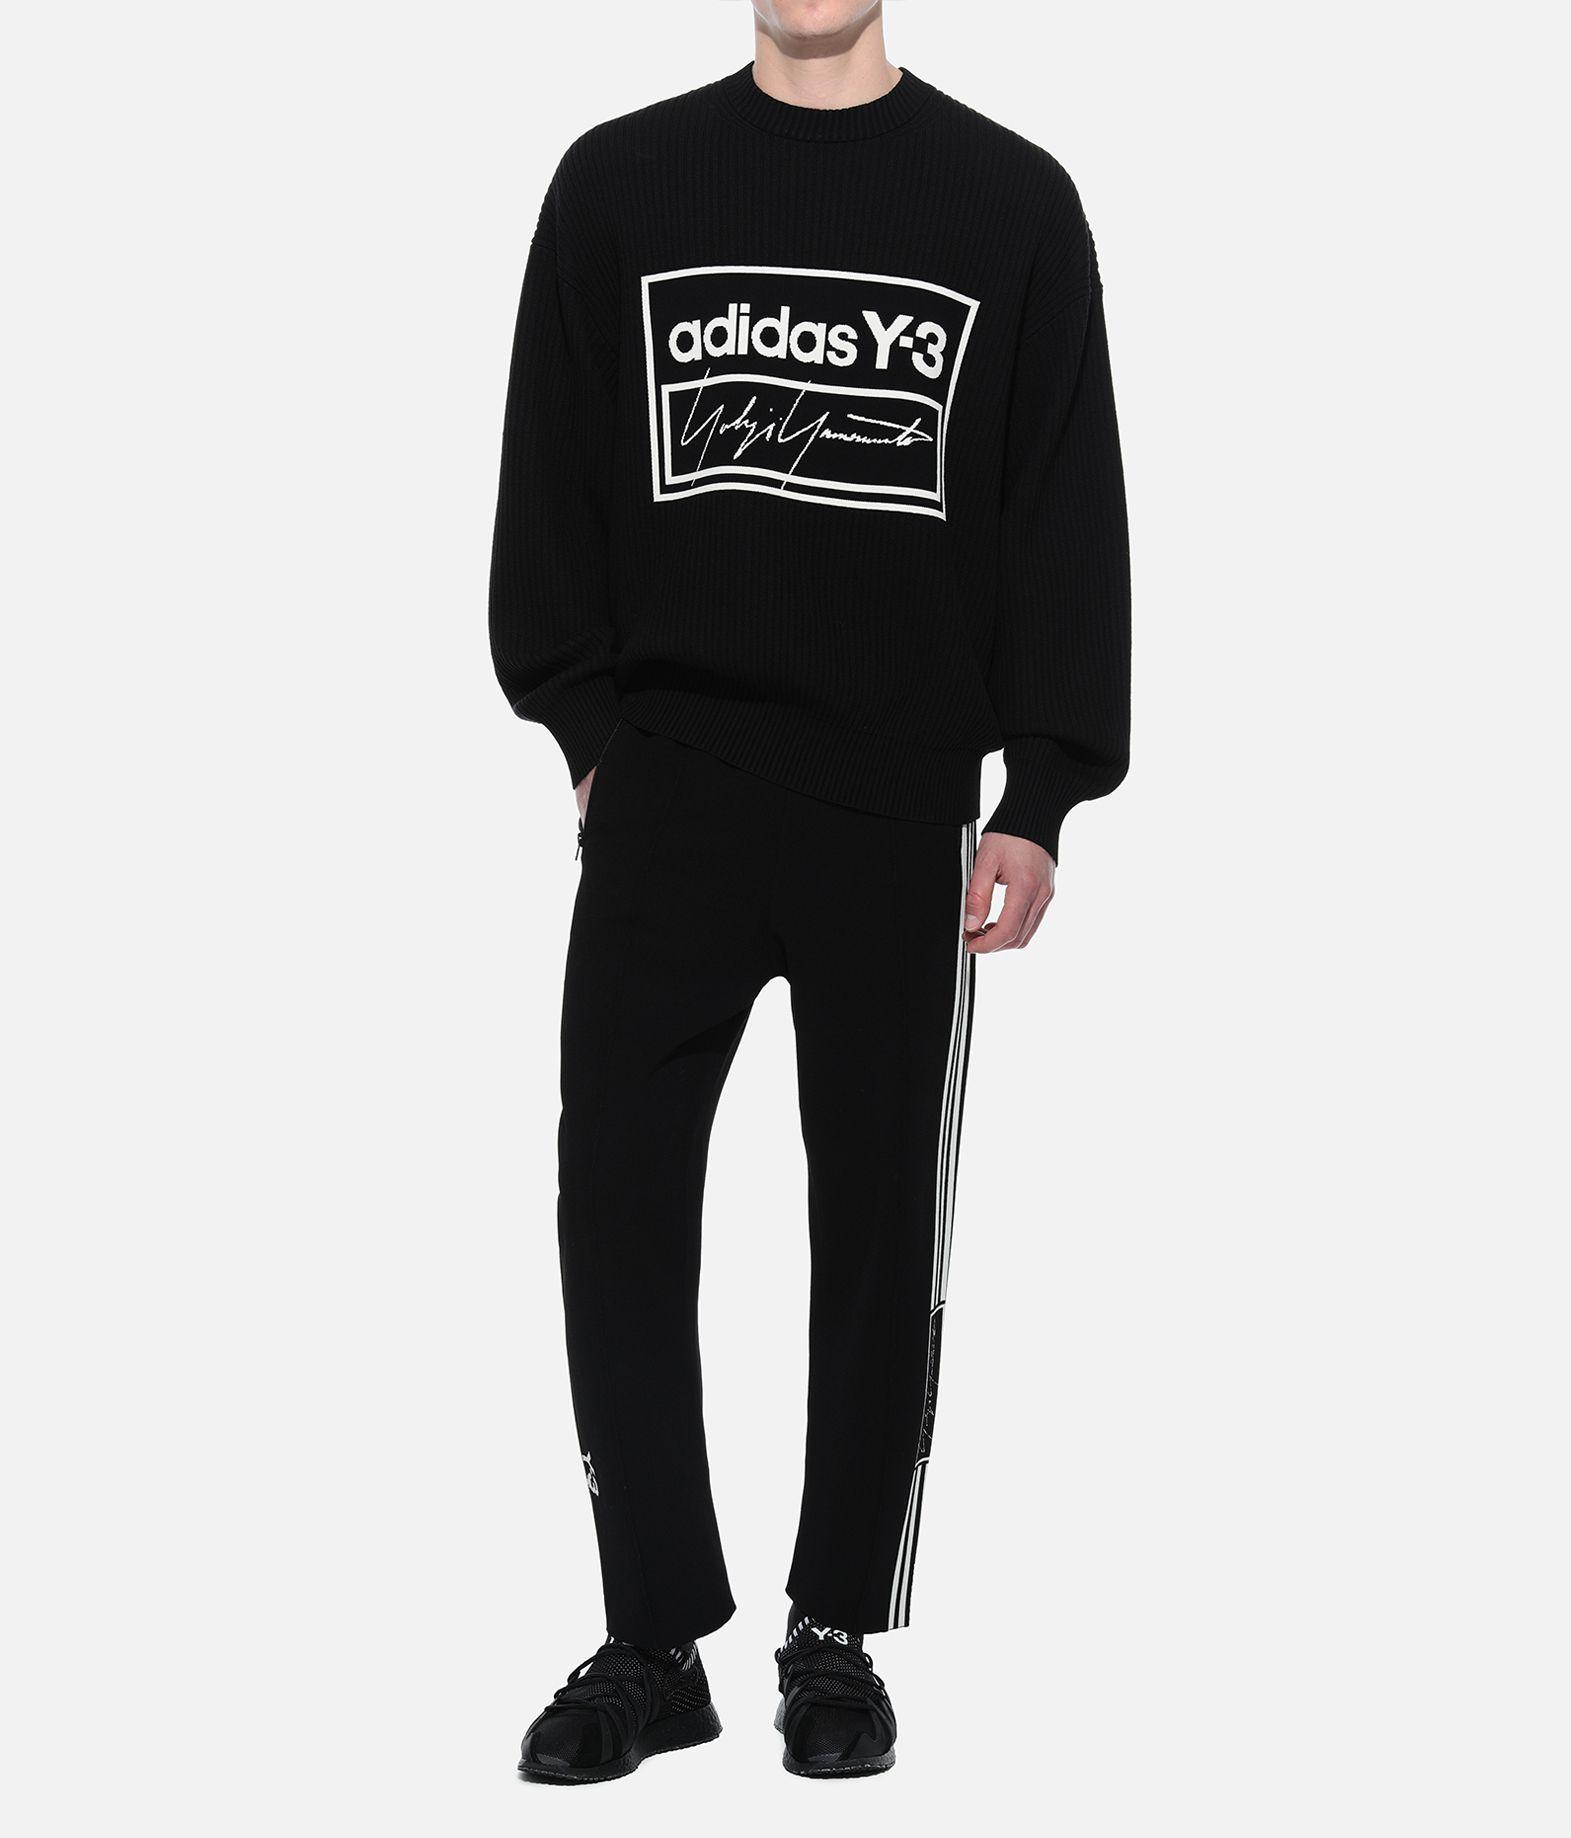 Y-3 Y-3 Tech Knit Crew Sweatshirt Long sleeve sweater Man a